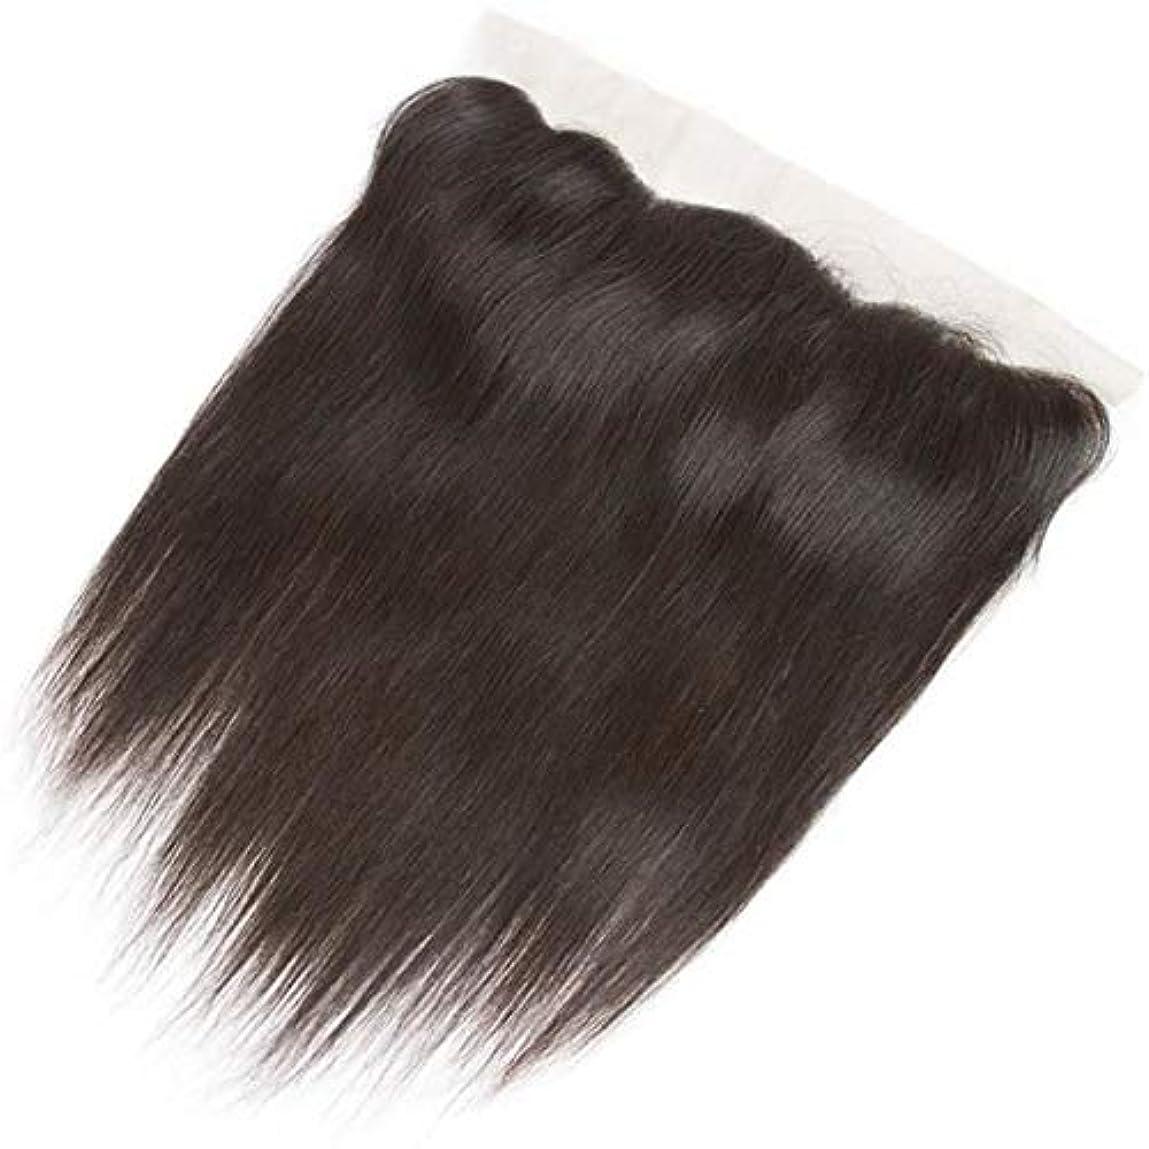 青所得インクWASAIO スクエア髪前頭閉鎖ブラジルのバージン人毛ヘアエクステンションクリップUnseamed 10「-20」13 * 4レース (色 : 黒, サイズ : 10 inch)